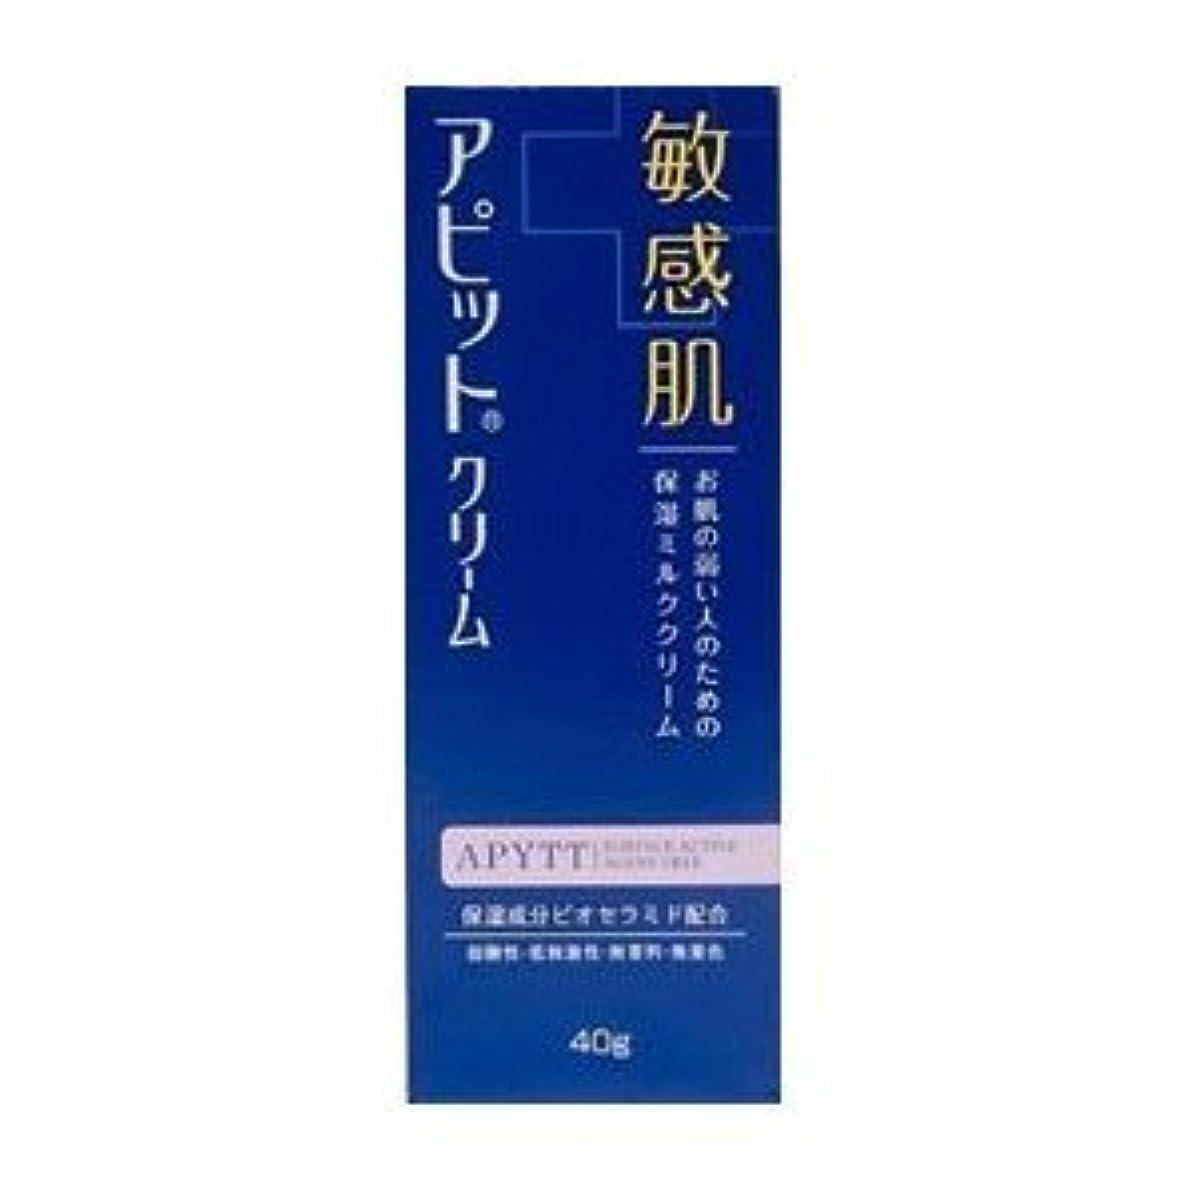 見かけ上ファセット要求する全薬工業 アピットクリーム 40g×3個セット (医薬部外品)